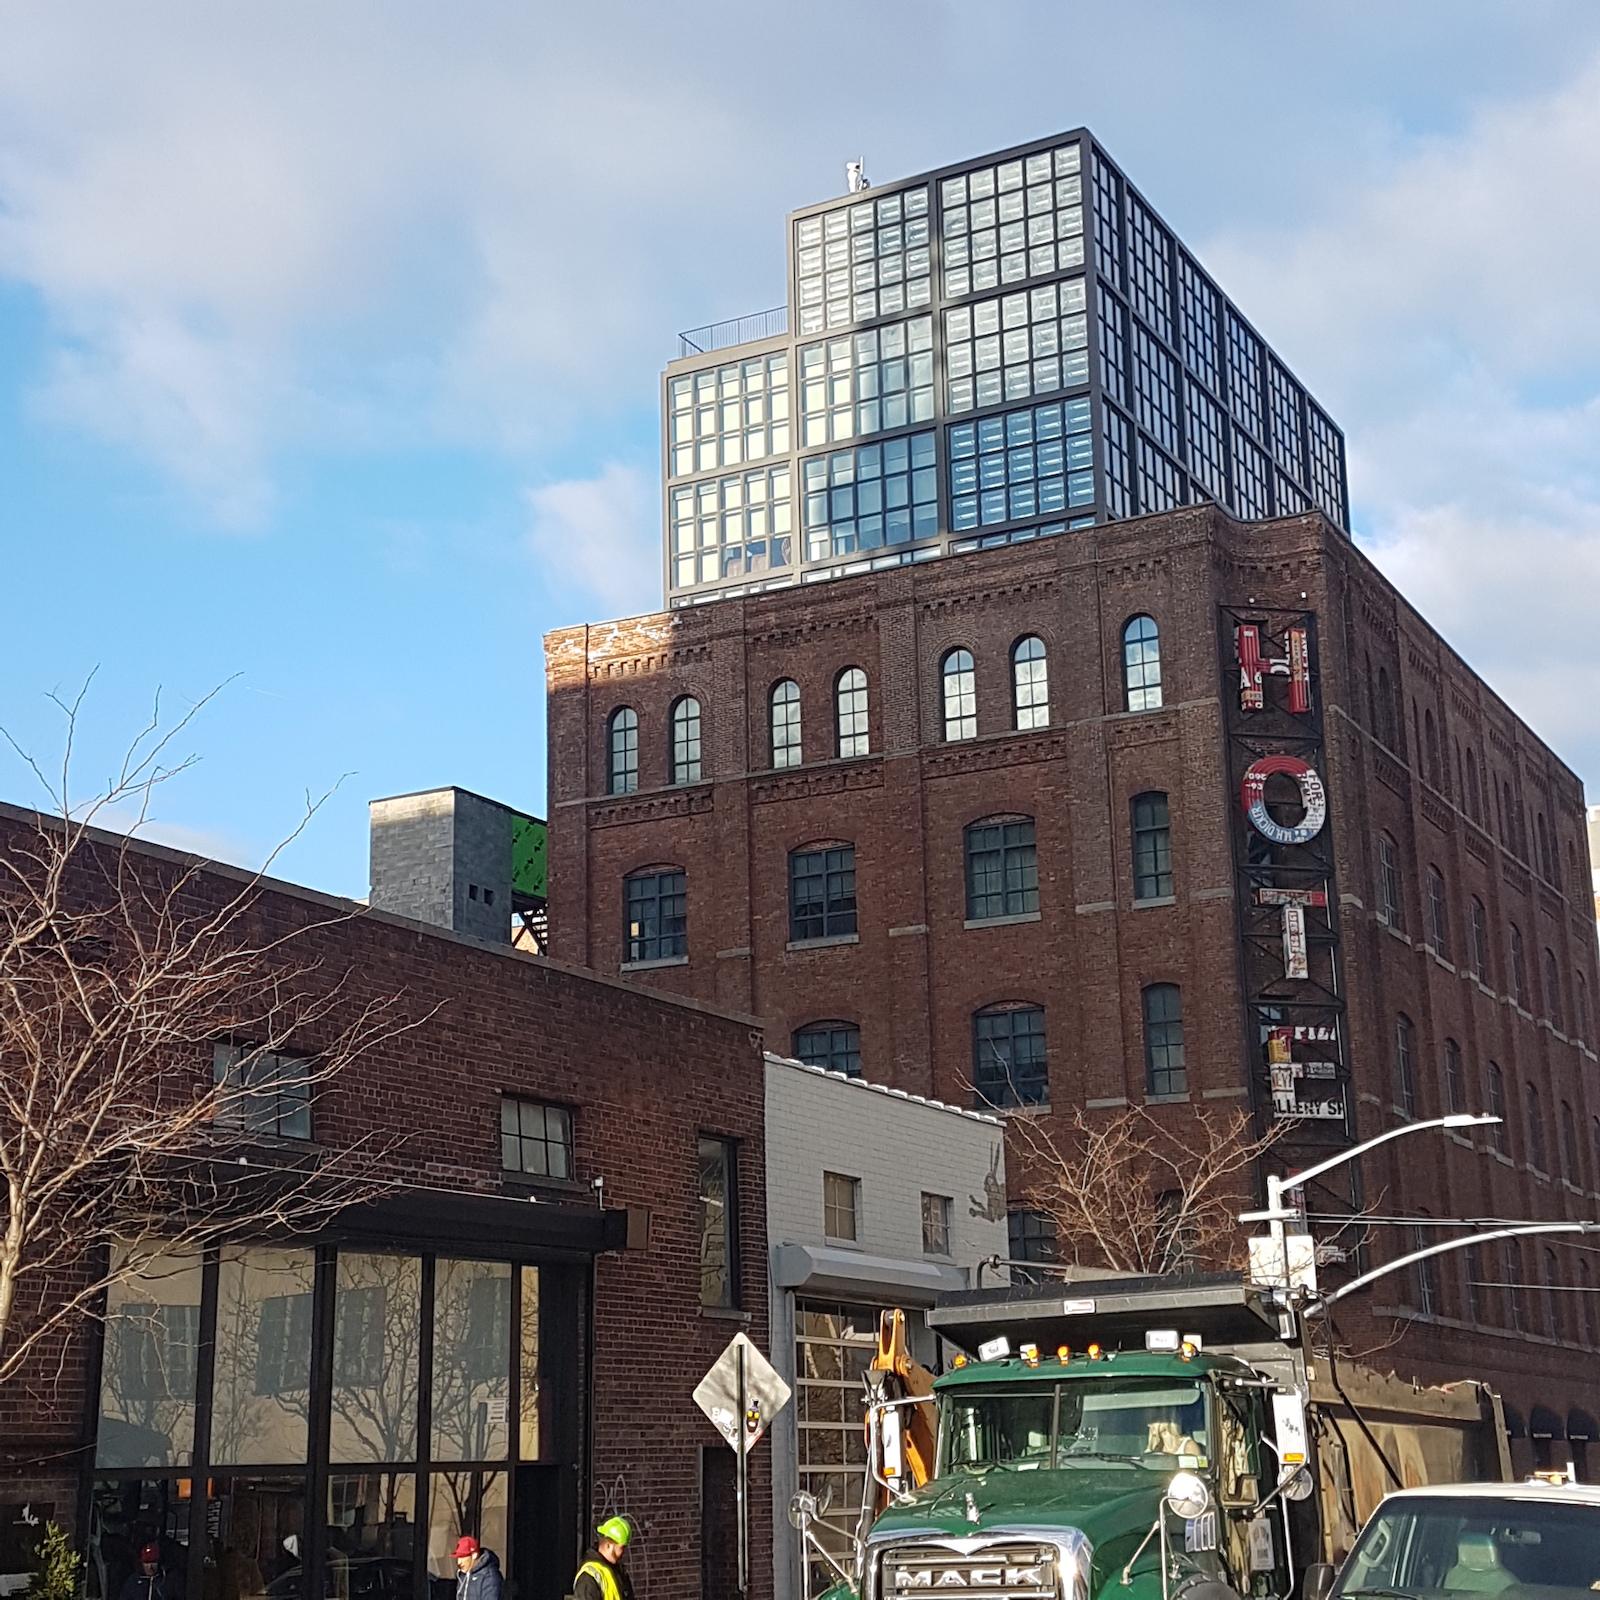 The Wythe Hotel Brooklyn